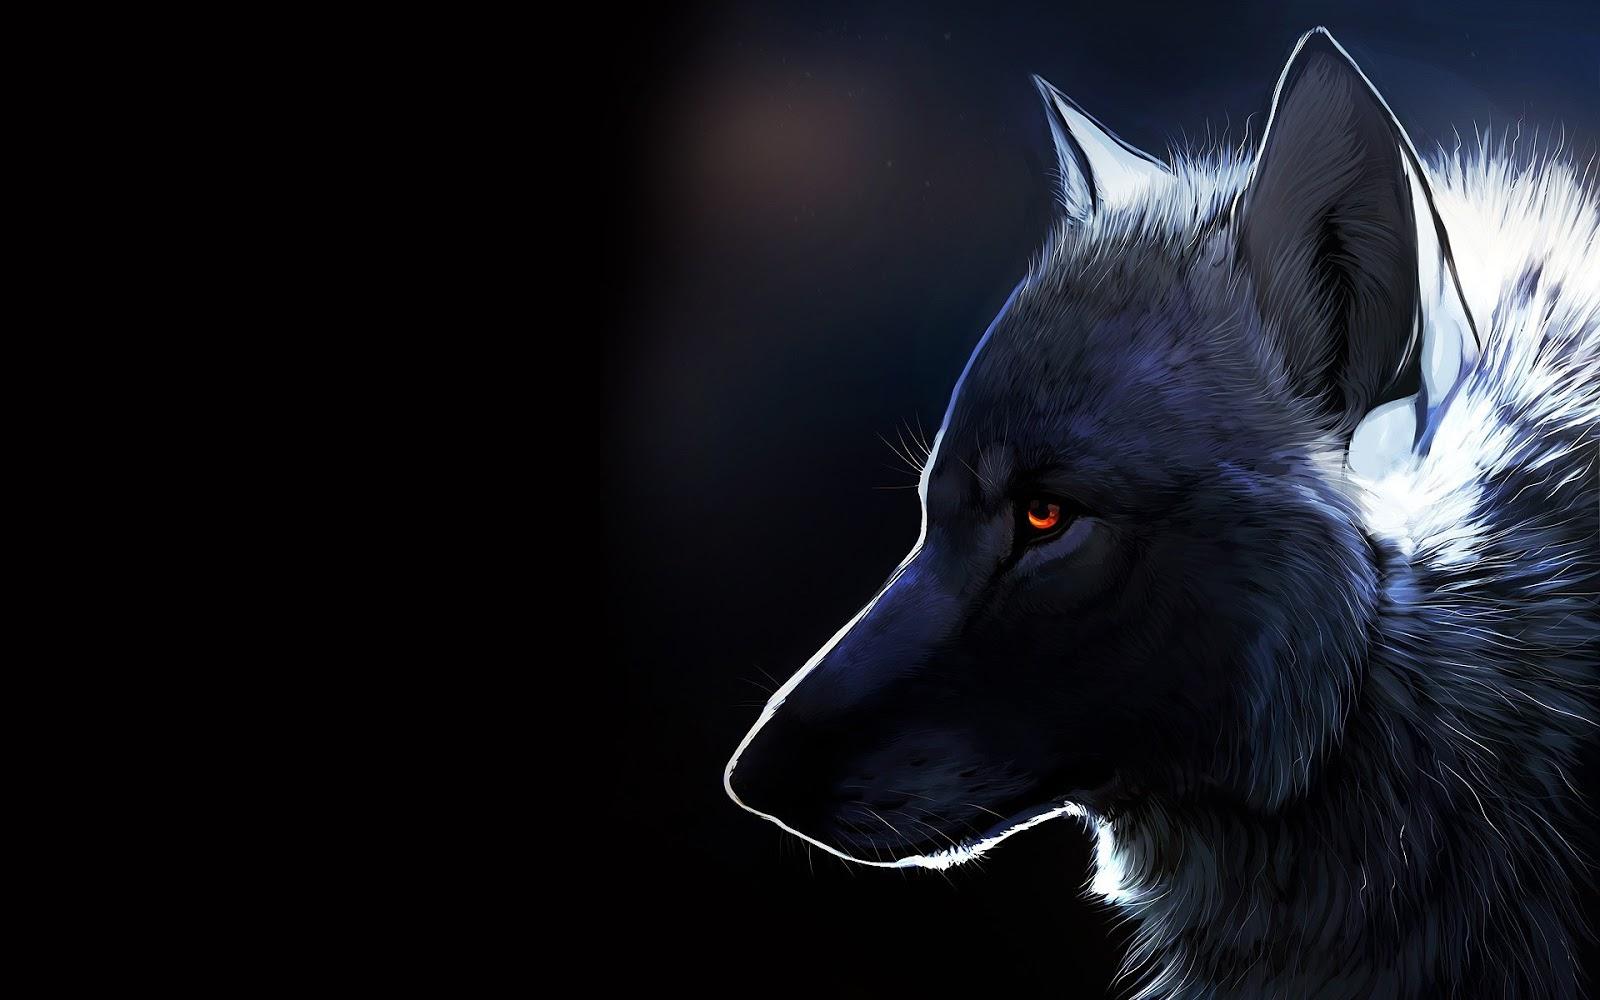 Ảnh chó sói đẹp